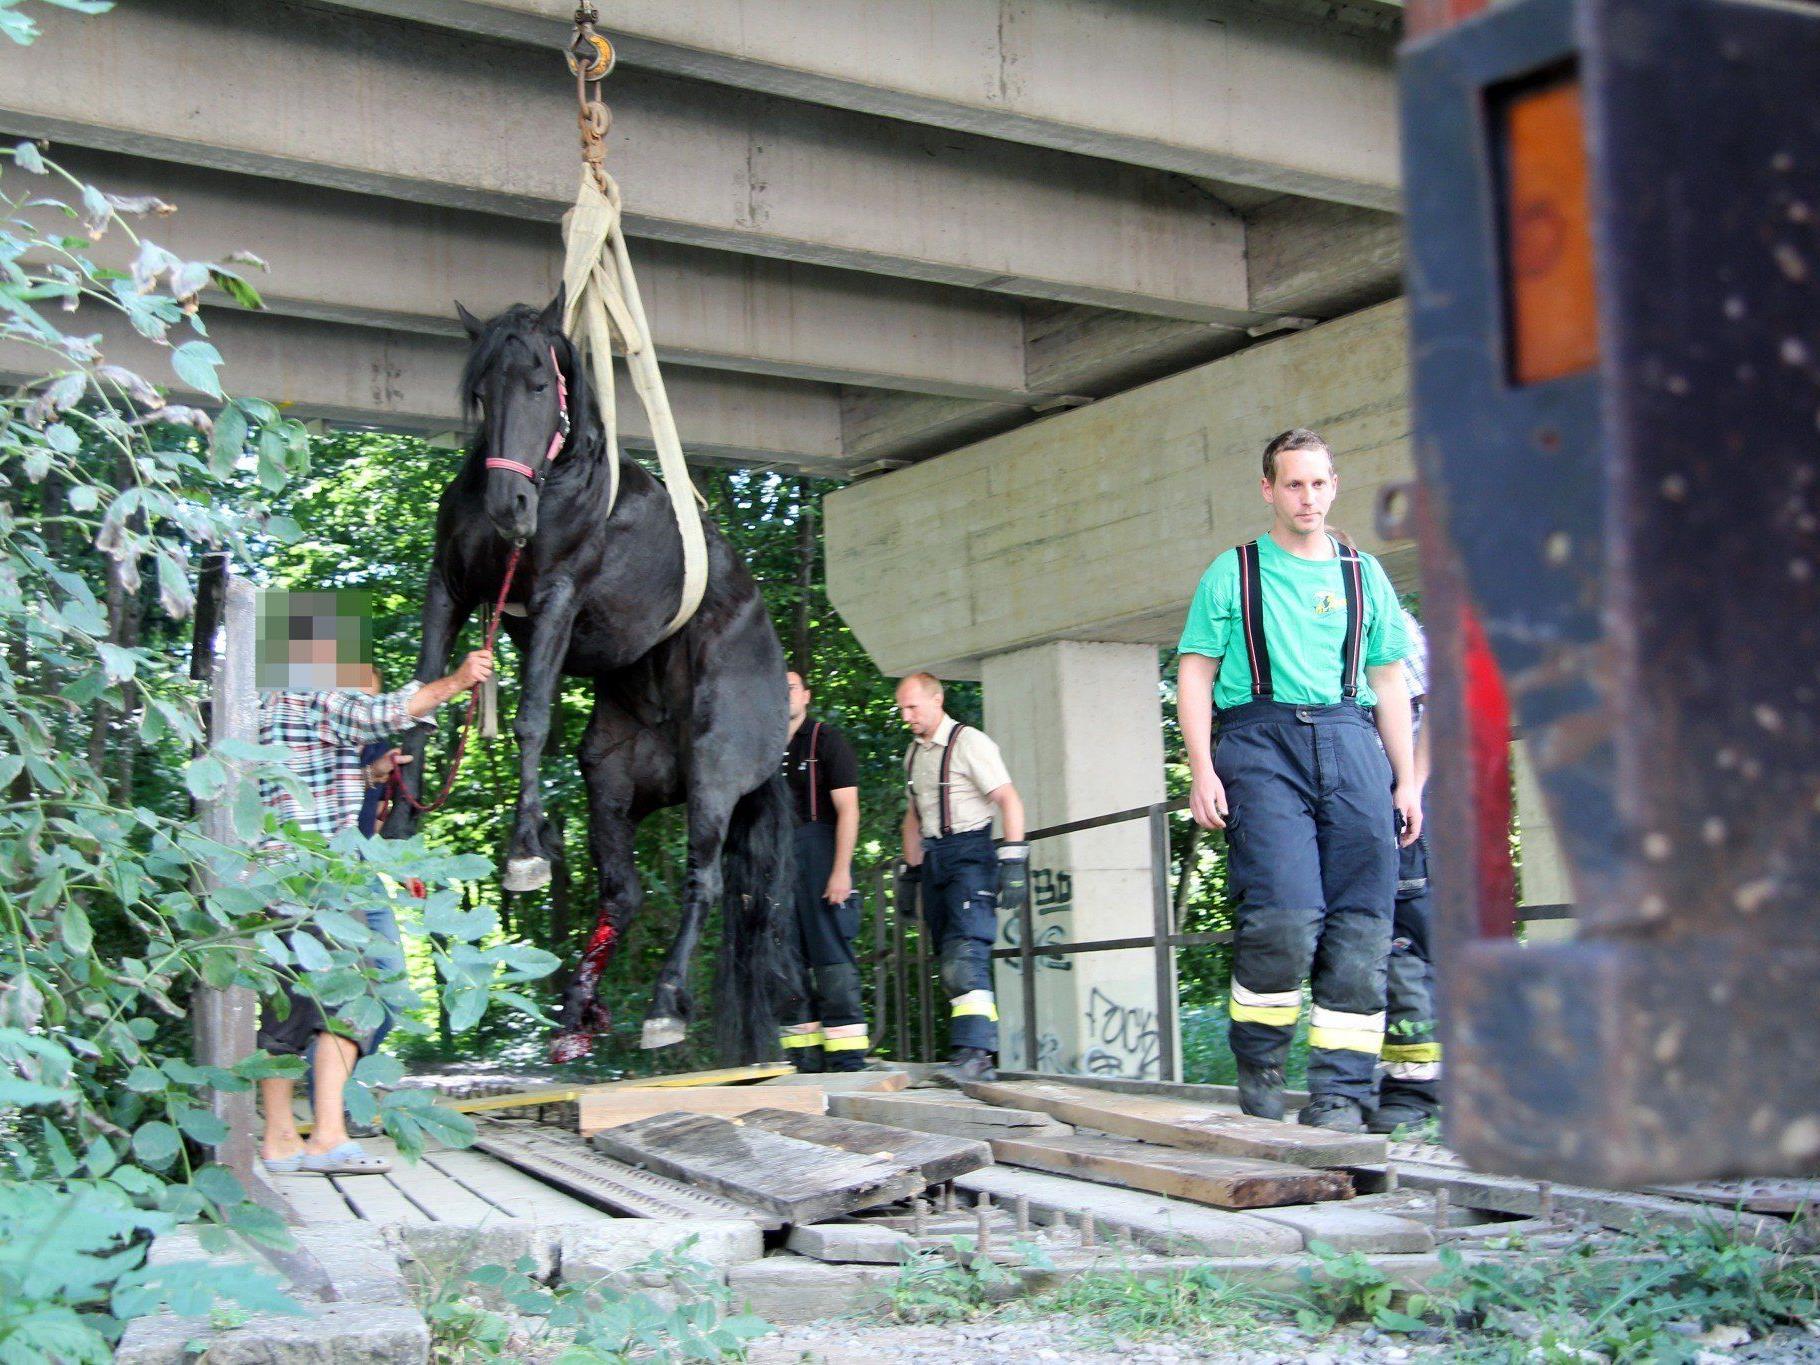 Die Feuerwehr barg das Pferd mit einem mobilen Kran aus seiner misslichen Lage.